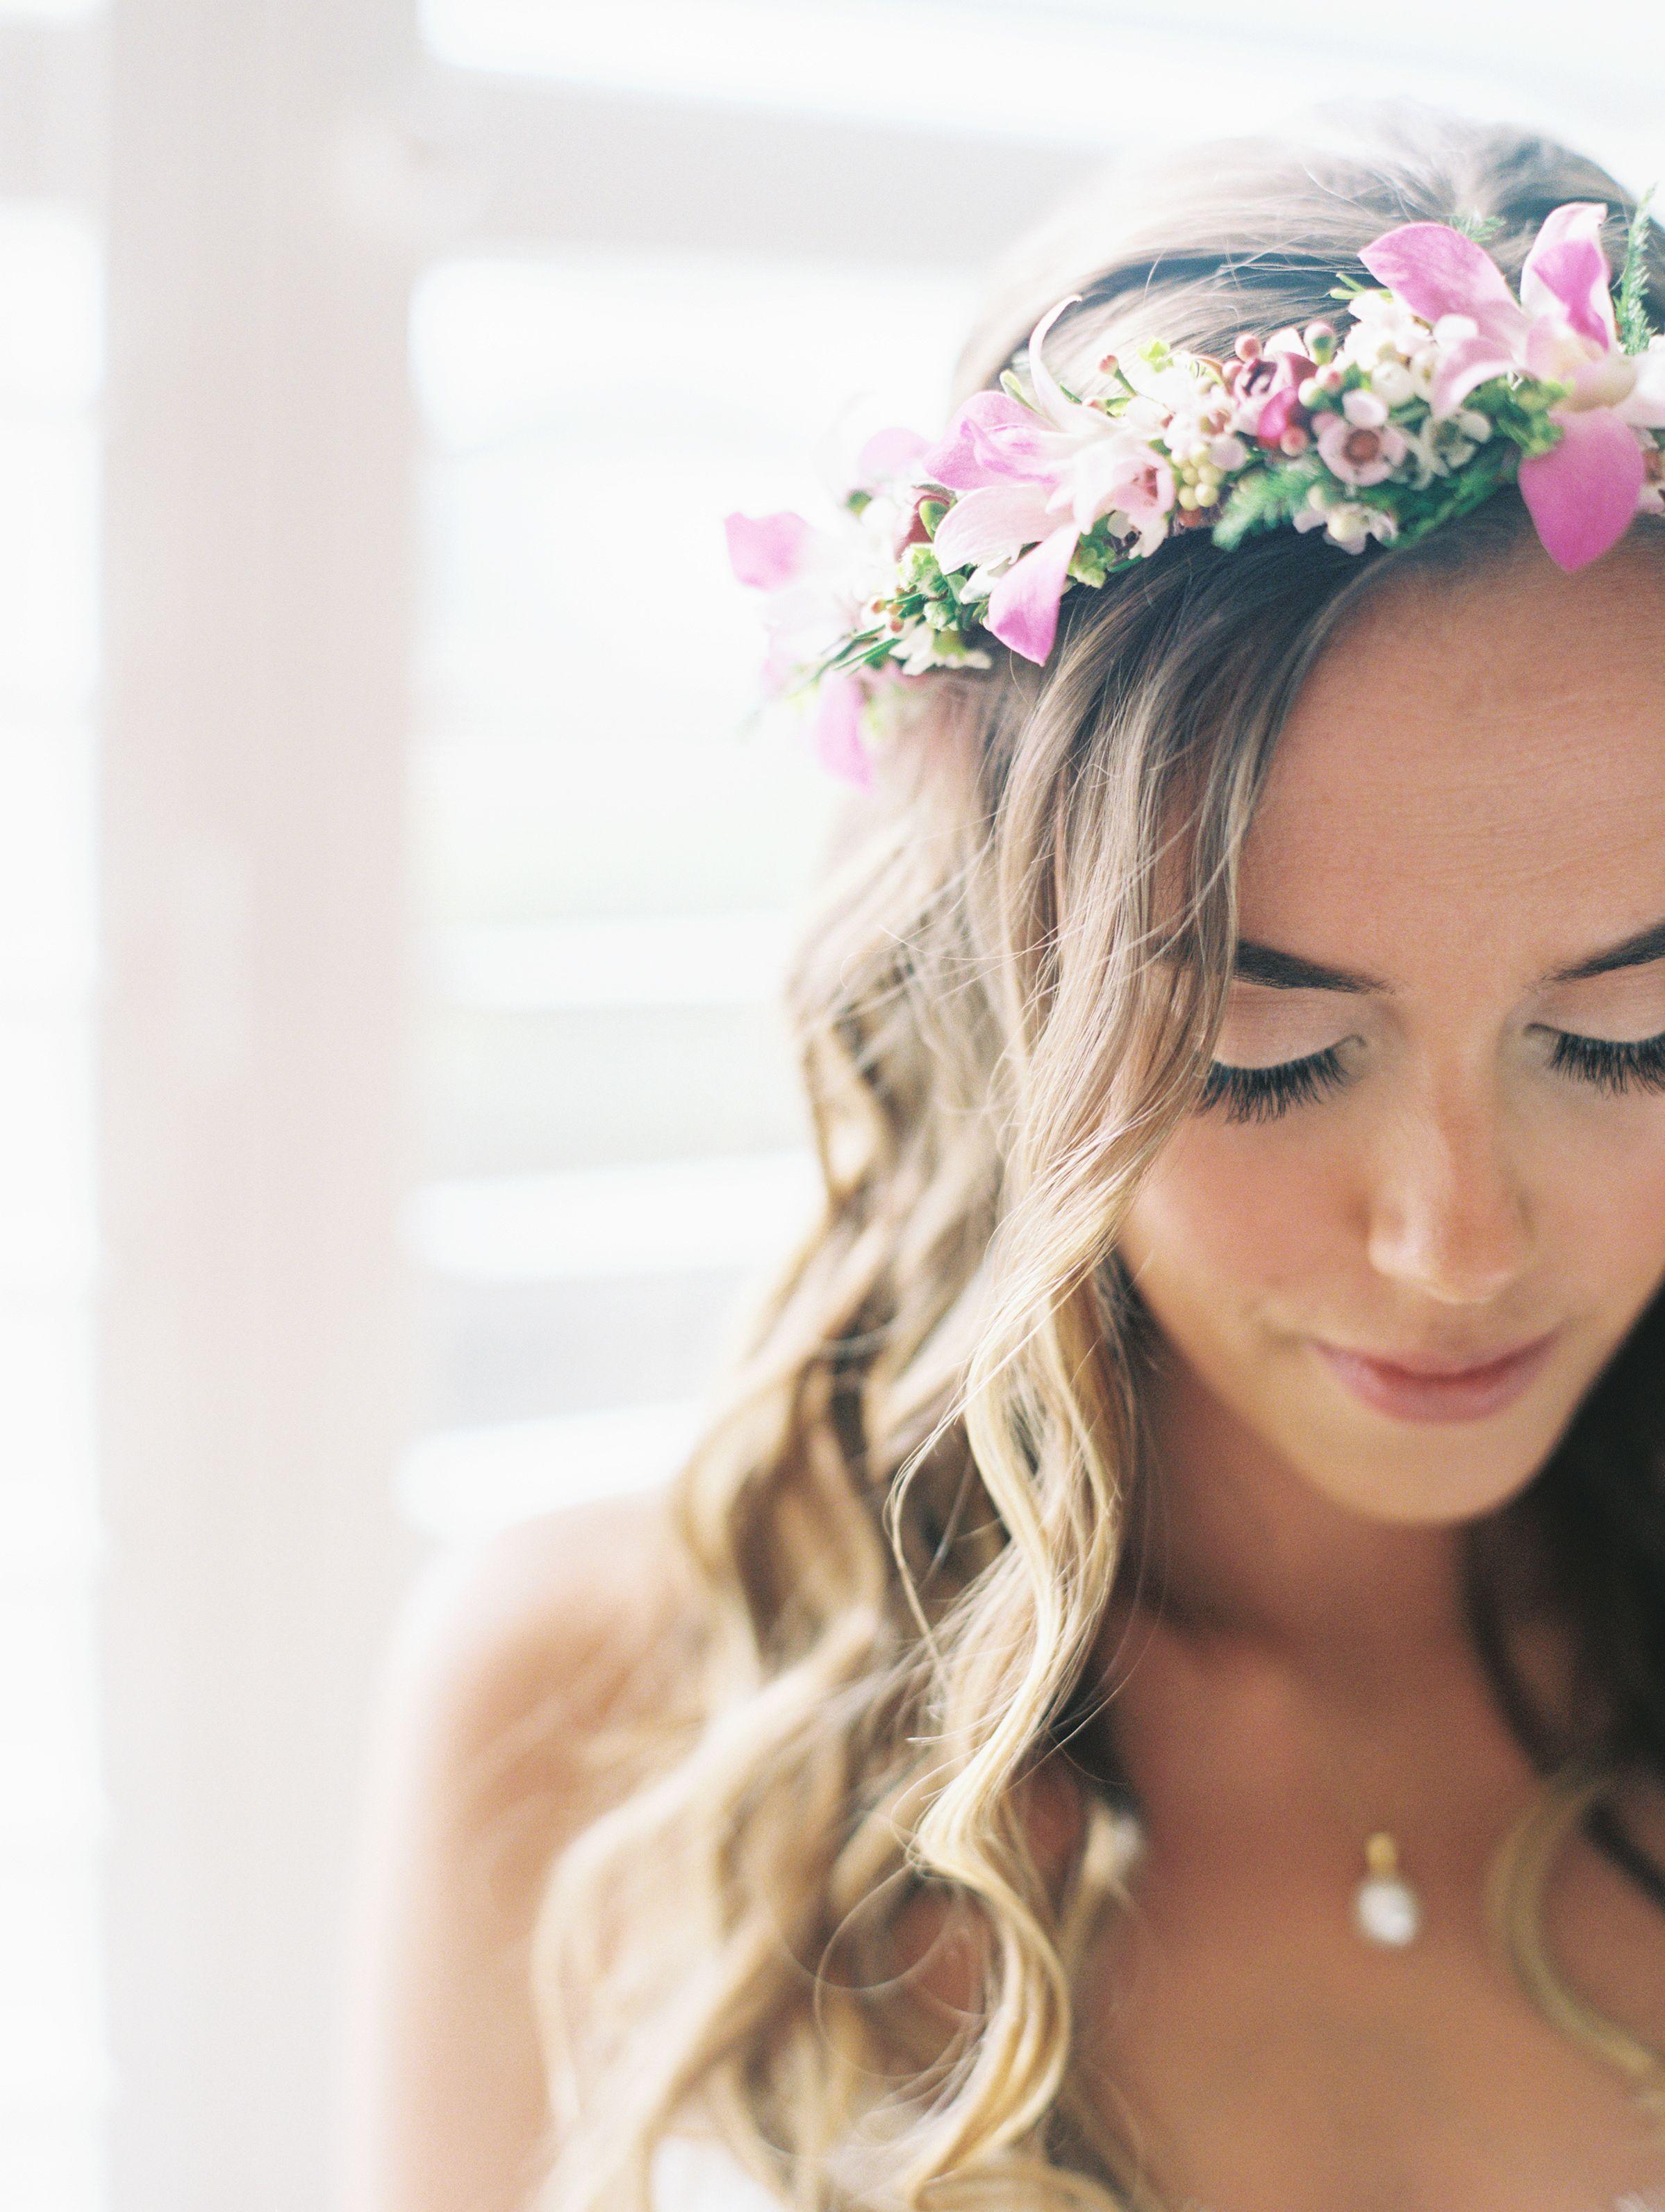 Inspirierende Frisuren Fur Die Hochzeit Frisur Hawaiian Flower Crown Wedding Hairstyles Photos Unique Wedding Hairstyles